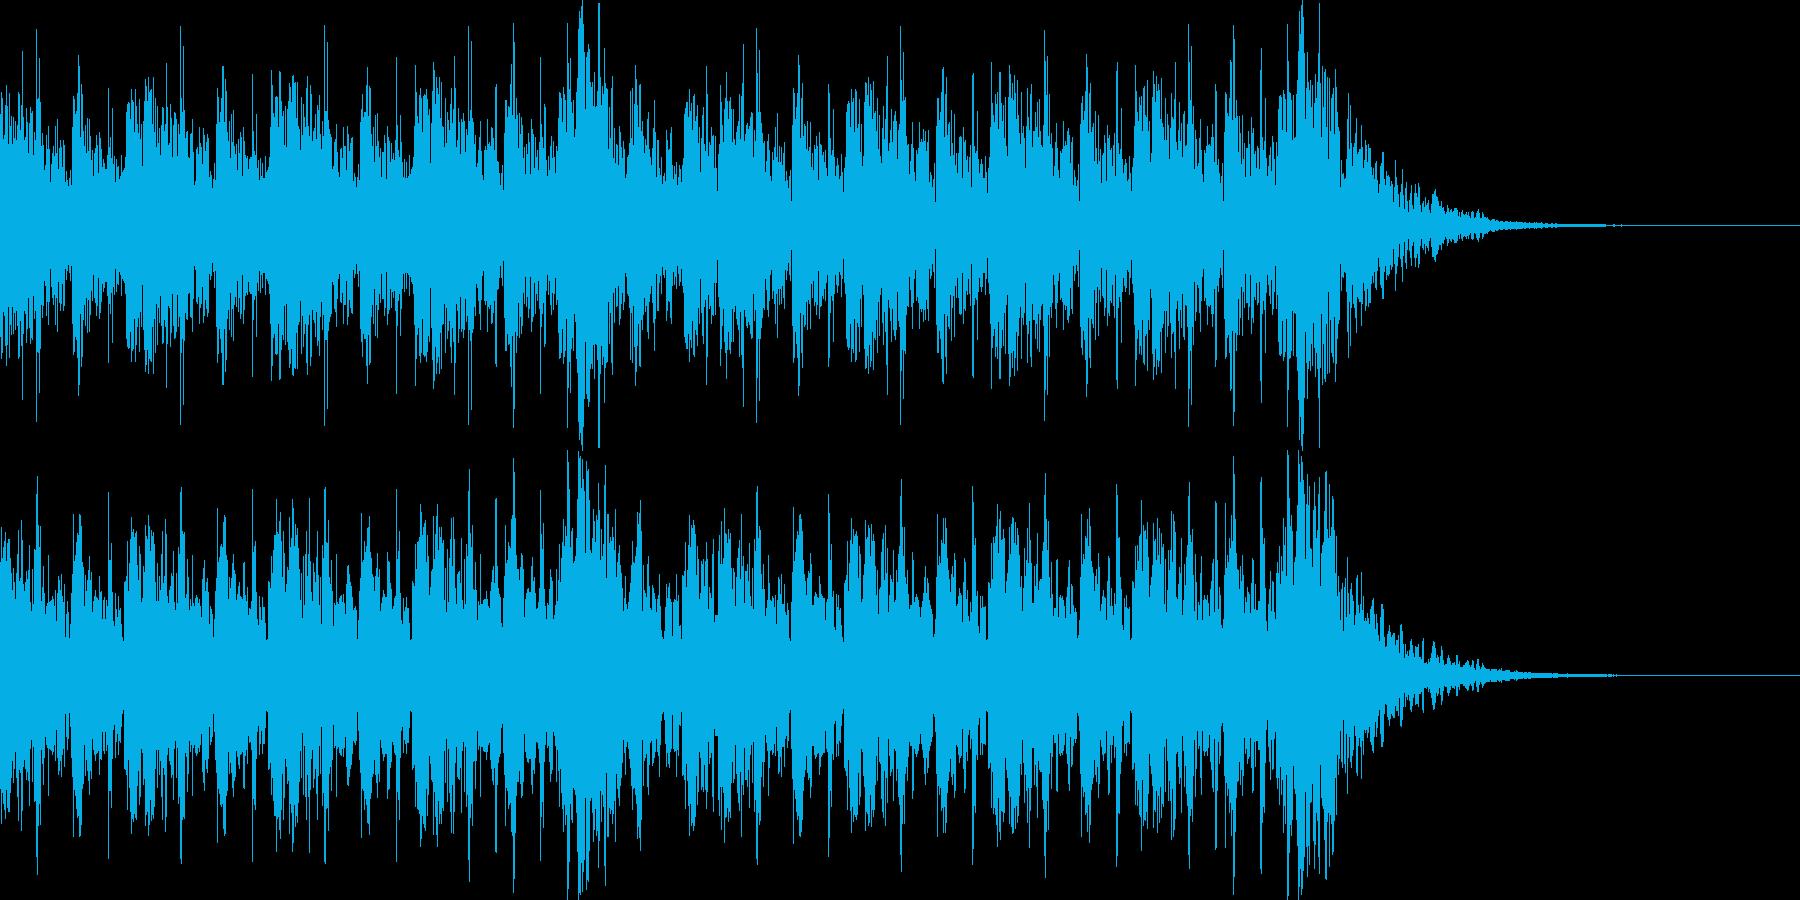 和風 ファンク ジングル 追跡 エレベの再生済みの波形